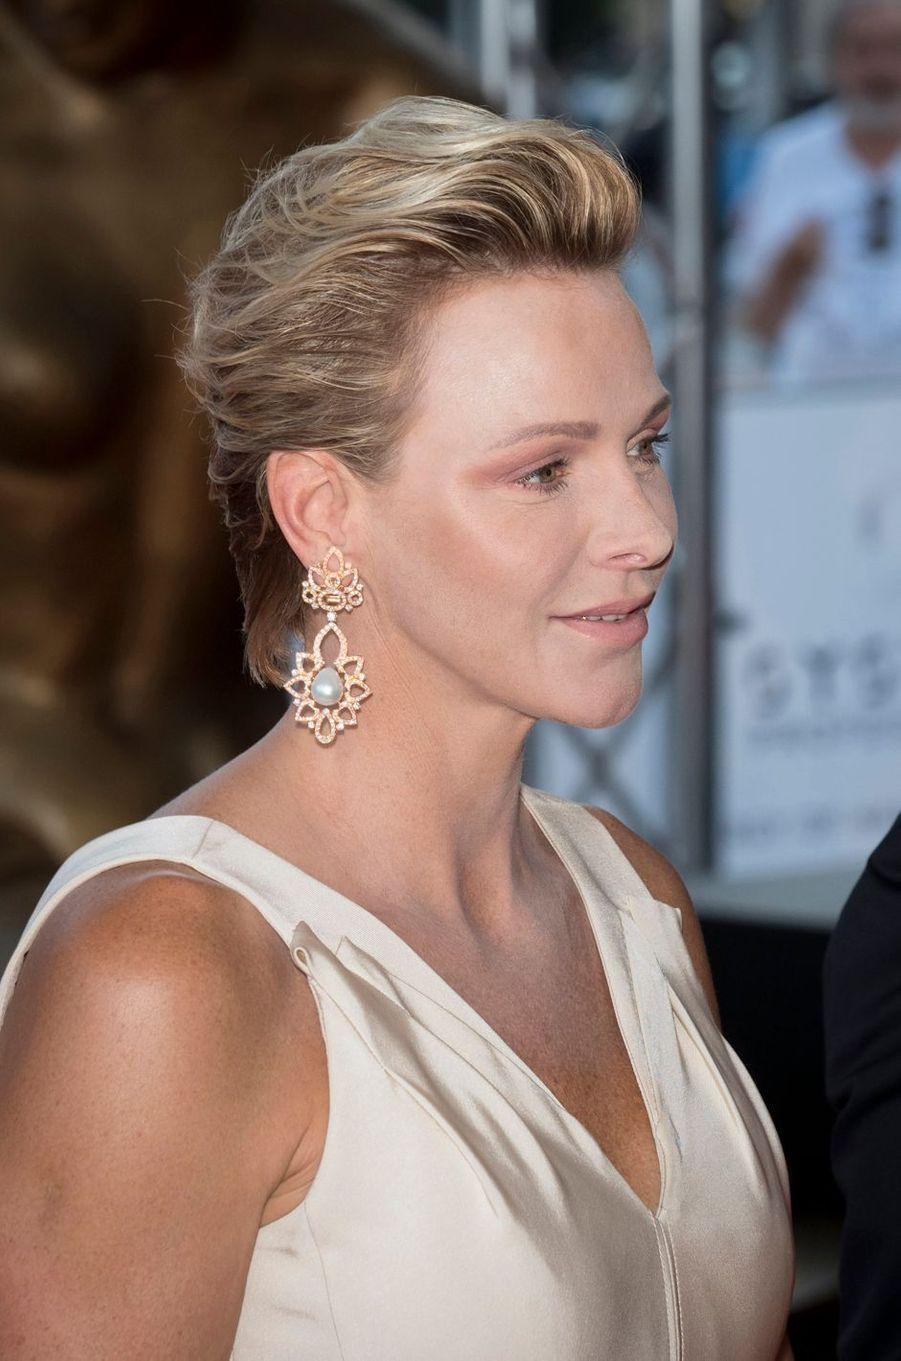 Les boucles d'oreille de la princesse Charlène de Monaco, à Monaco le 19 juin 2018